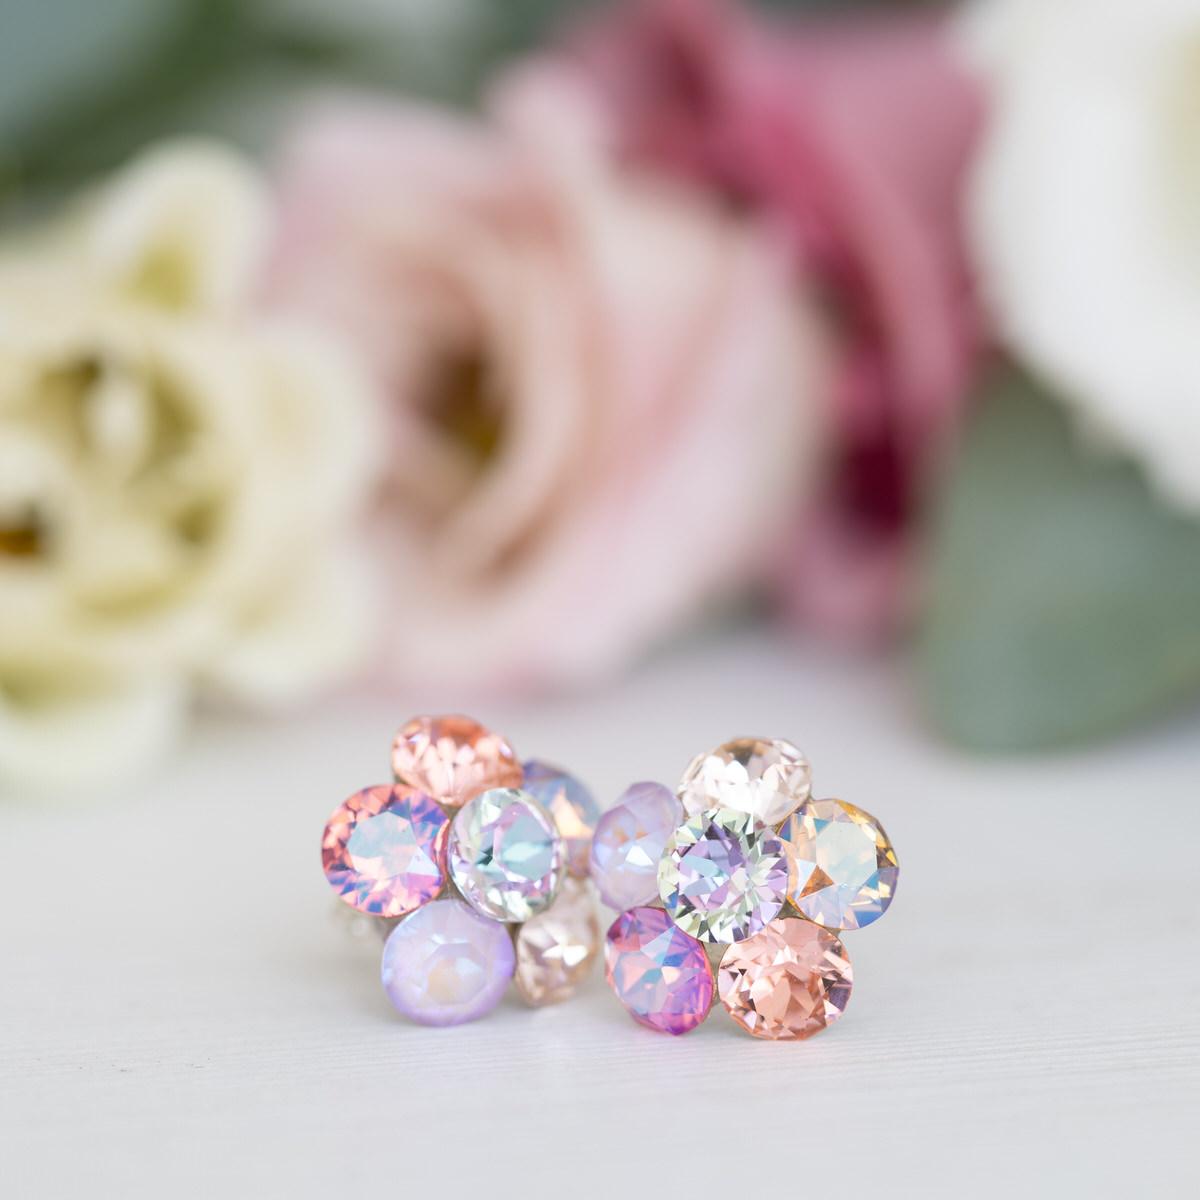 cercei_katart_crystal_flower_k03024.24 (3)